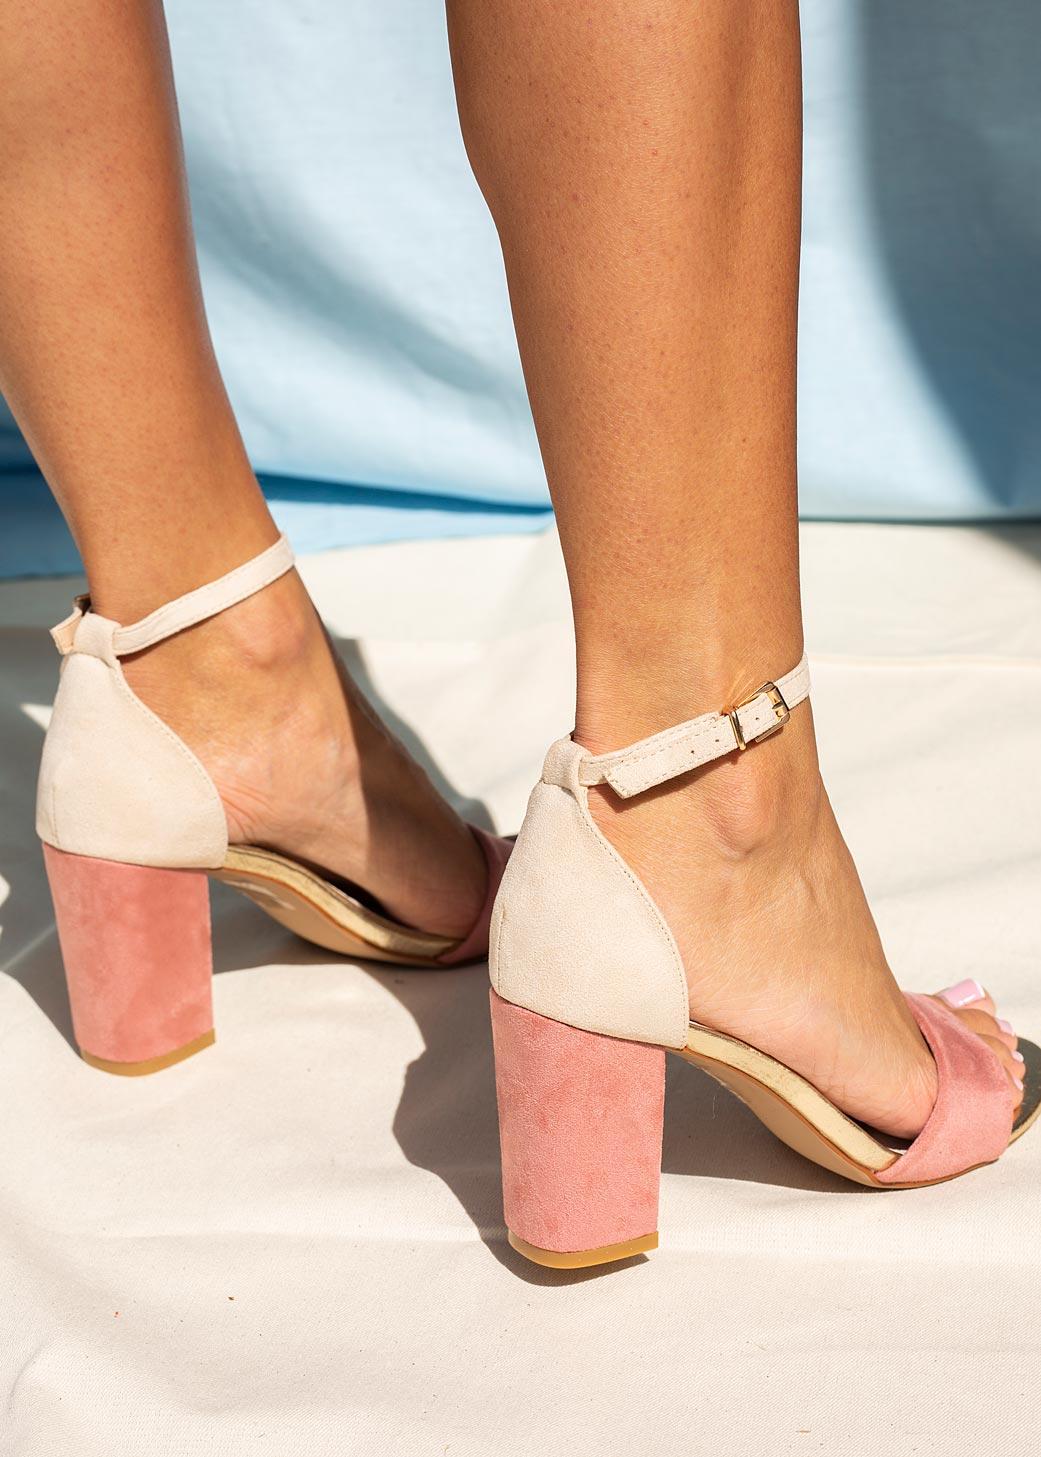 Różowe sandały na słupku z zakrytą piętą paskiem wokół kostki ze skórzaną wkładką Casu ER20X2/P model ER20X2/P